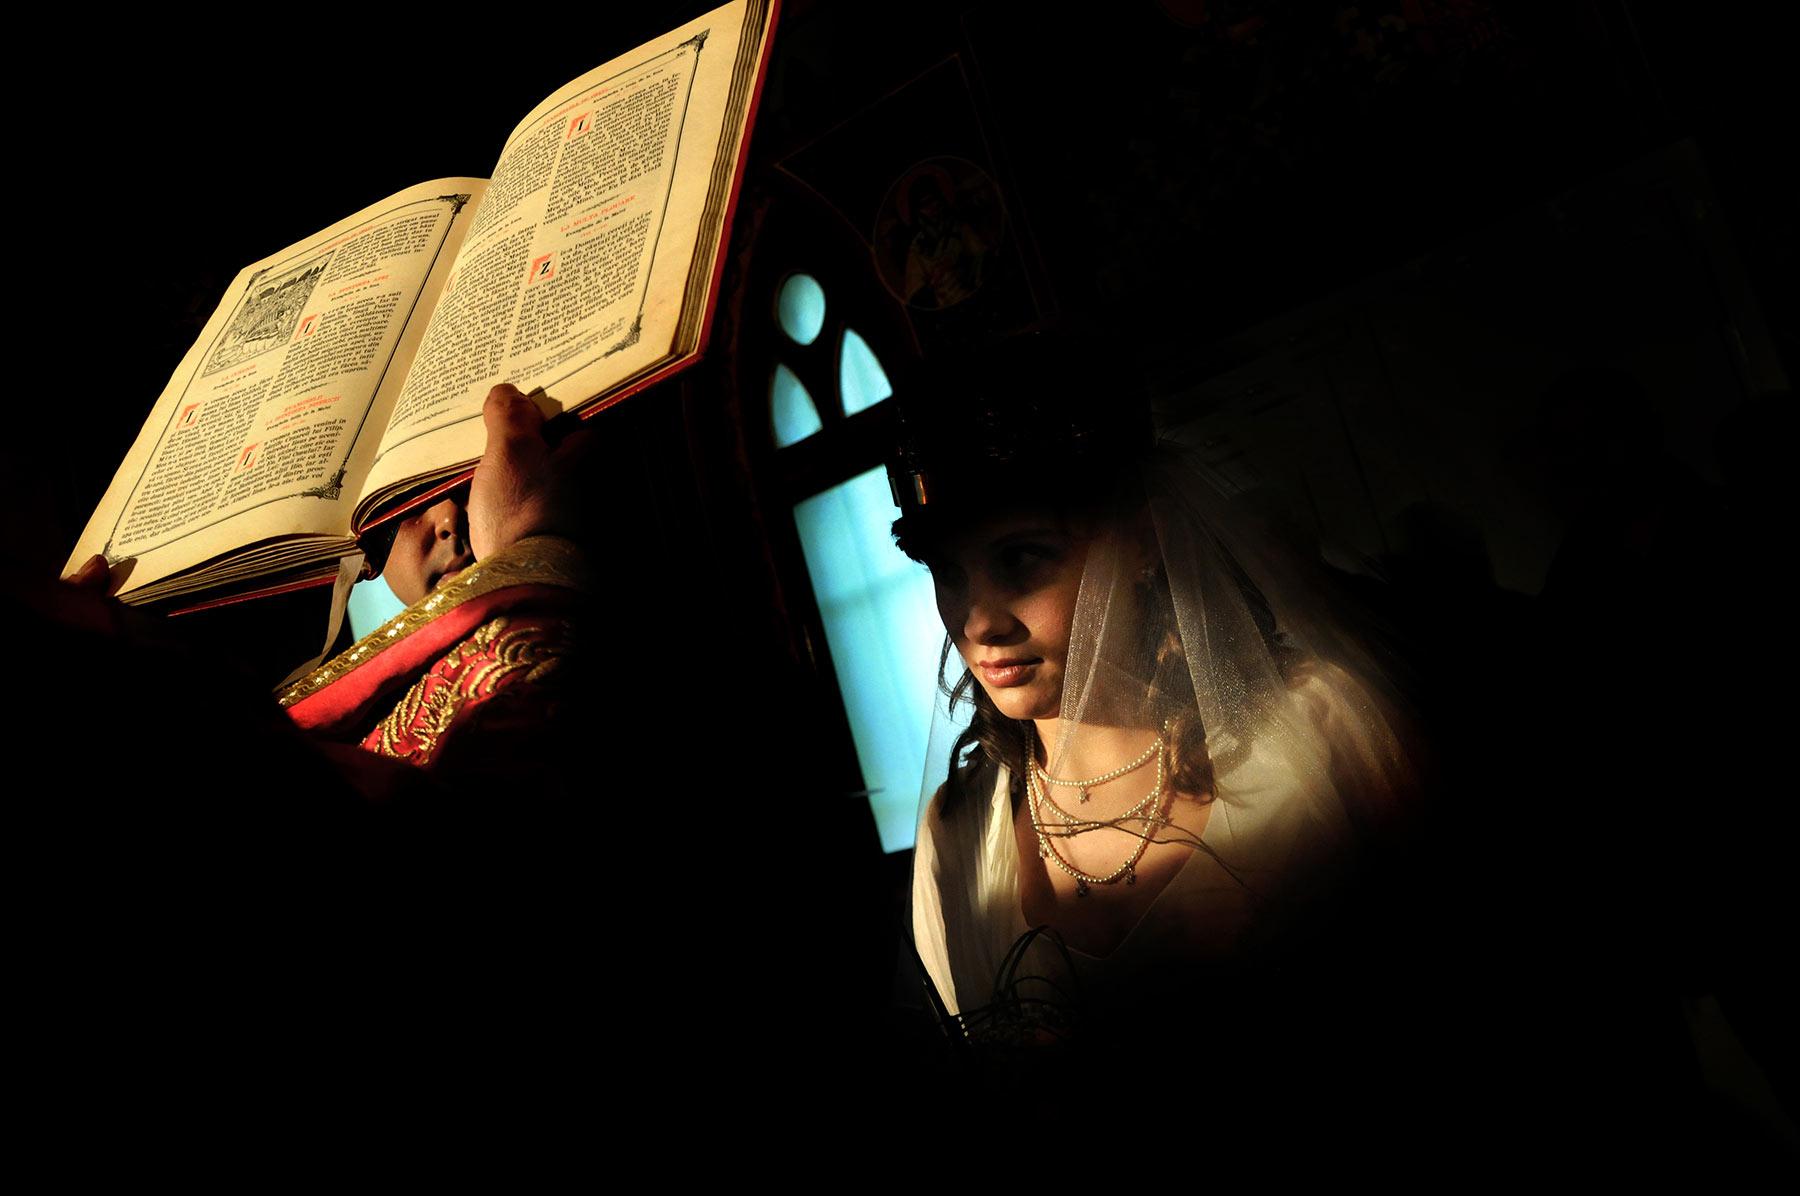 ivano-di-maria-our-religion-13